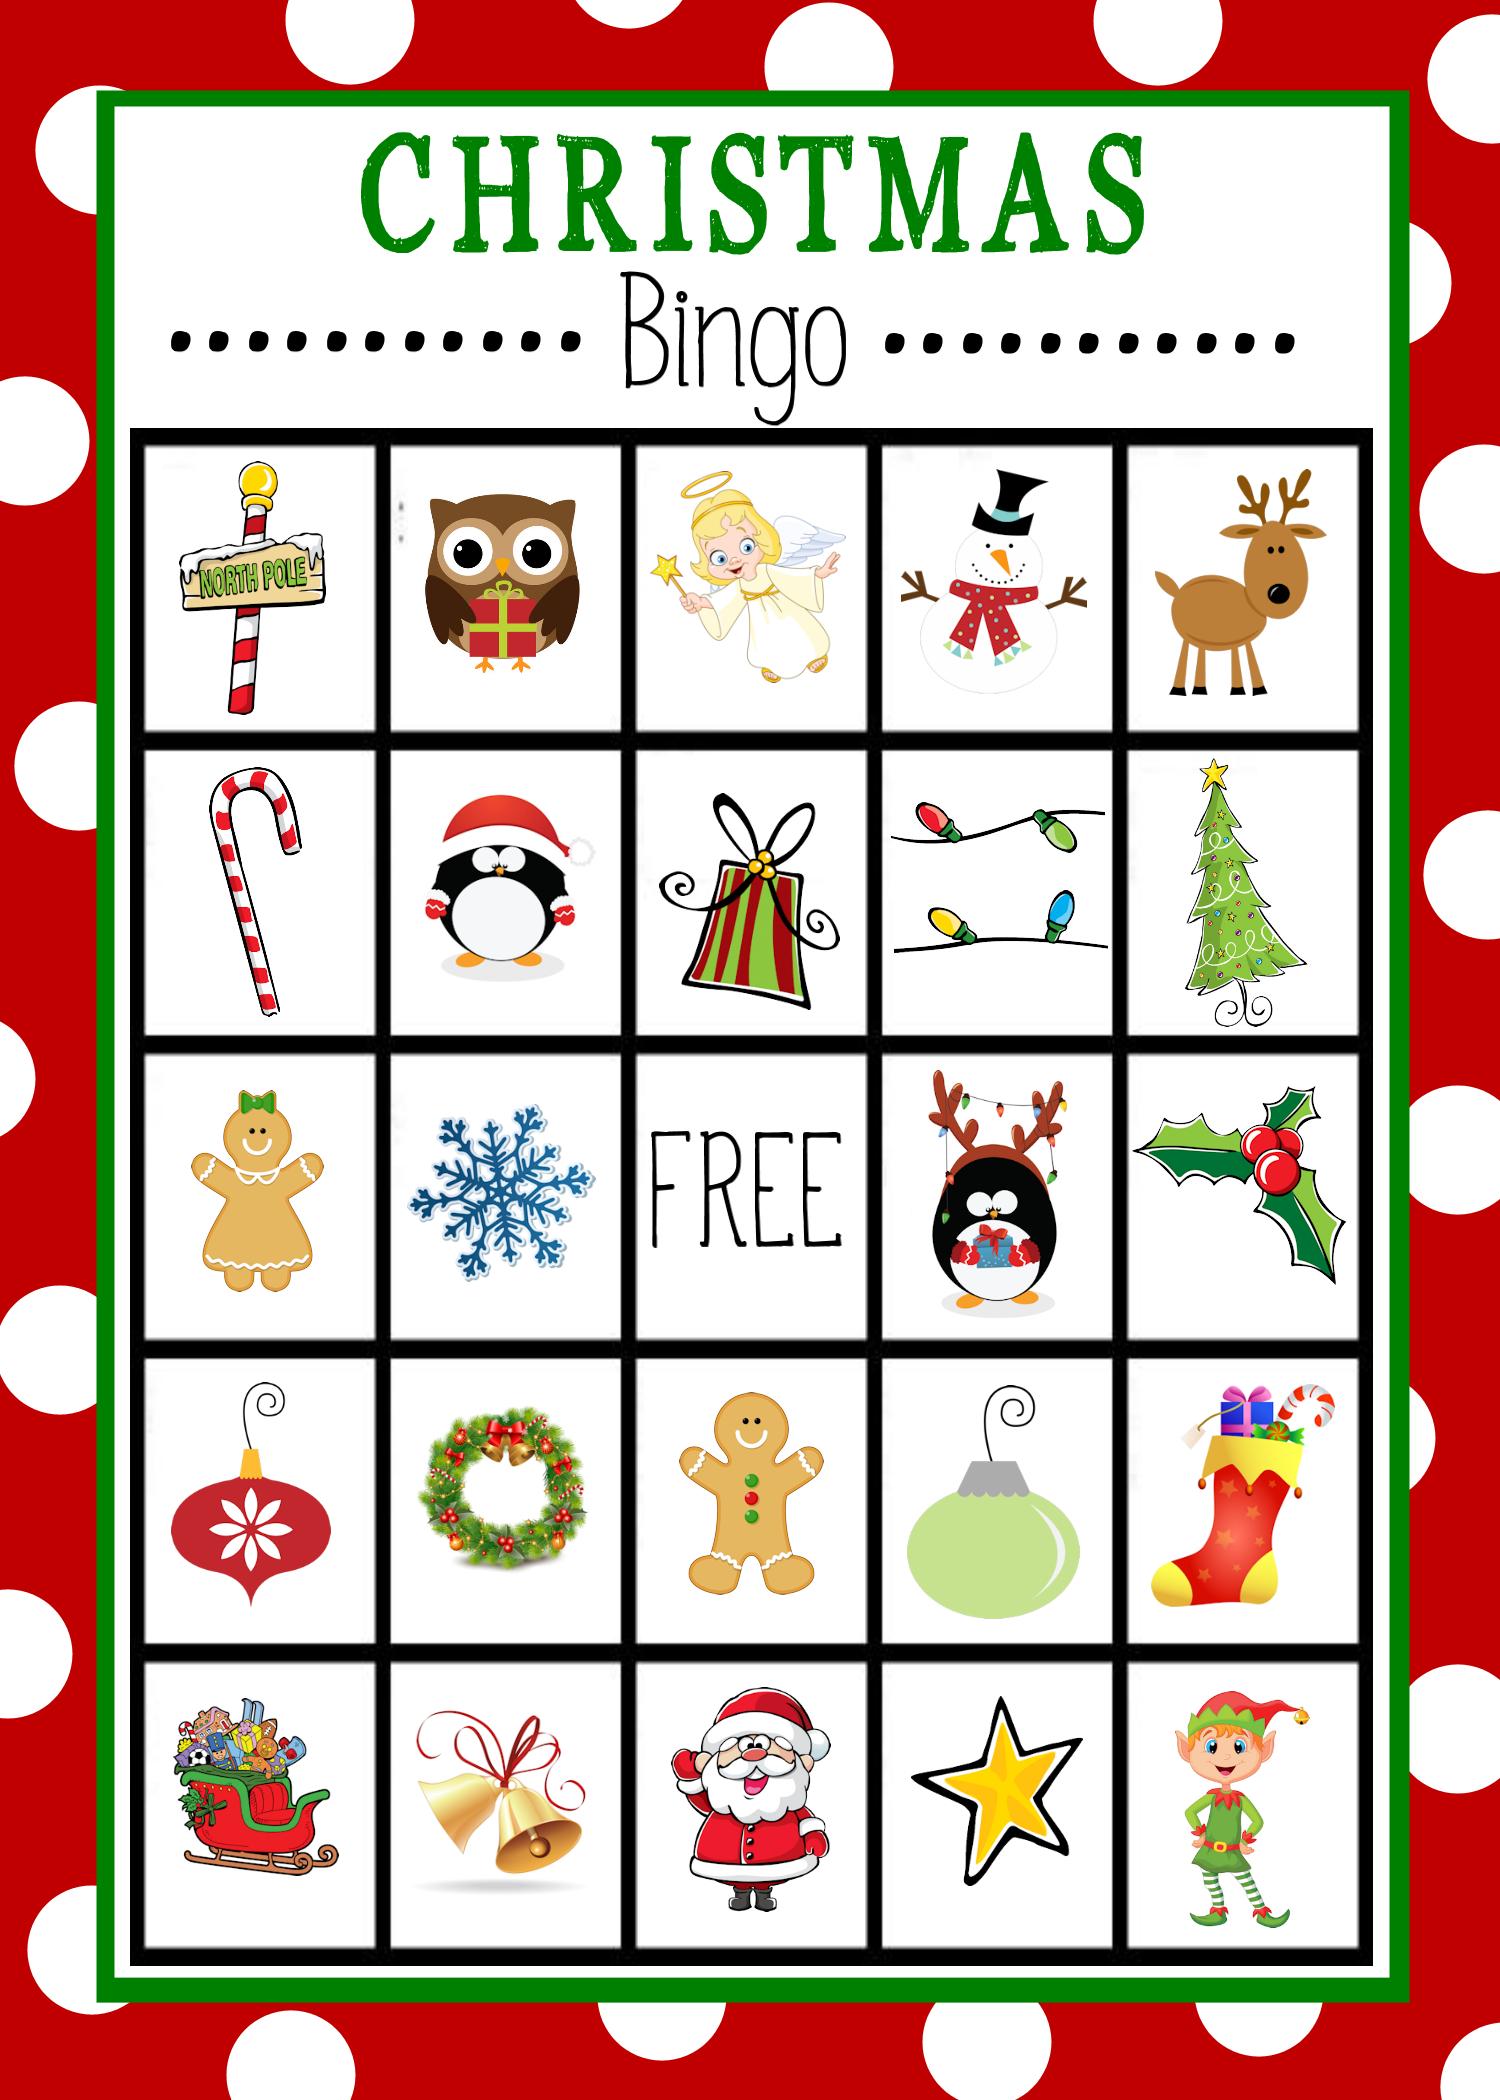 Free Printable Christmas Bingo Game | Christmas | Christmas Bingo - 20 Free Printable Christmas Bingo Cards